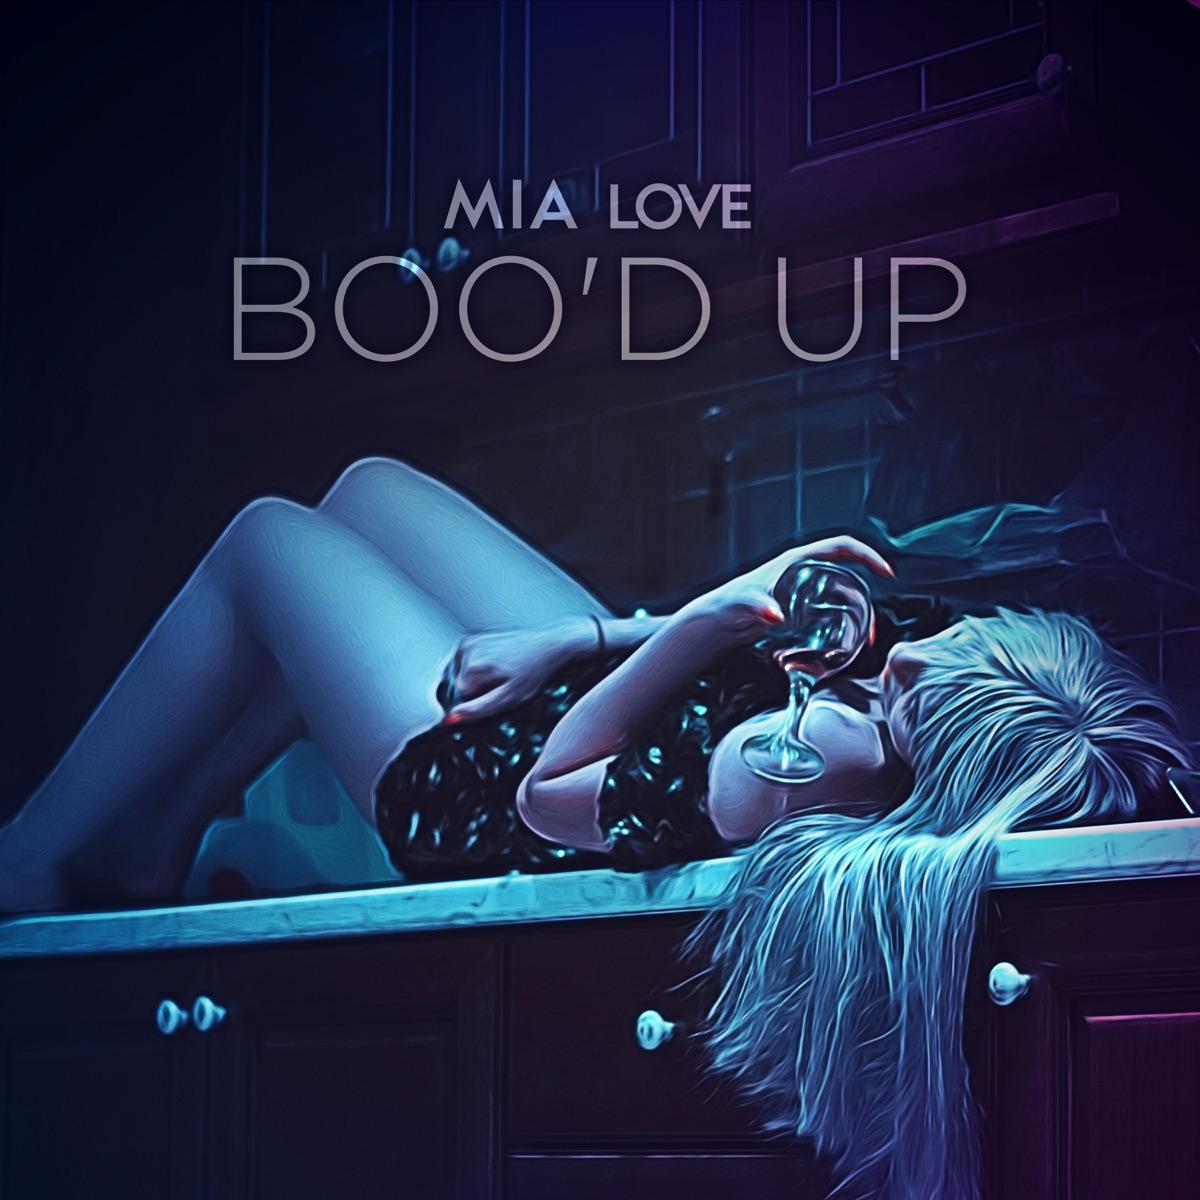 Bood Up - Single Mia Love CD cover